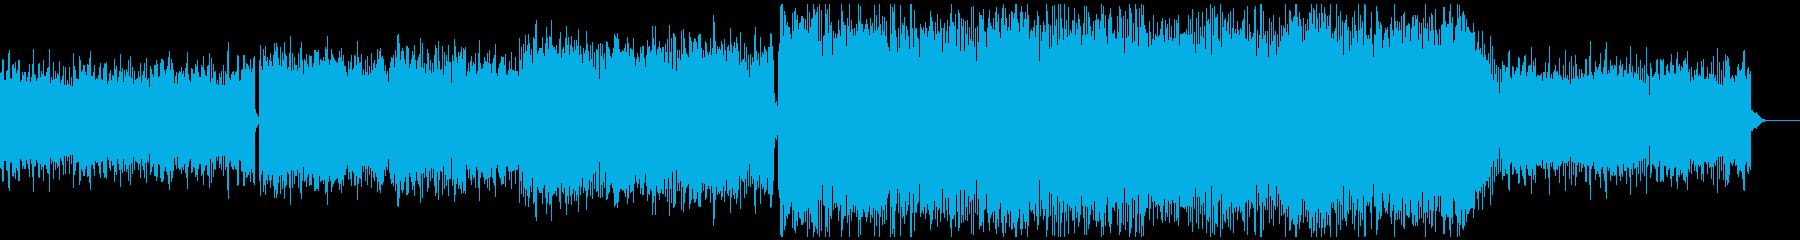 ノンフィクションに合う電子音楽の再生済みの波形